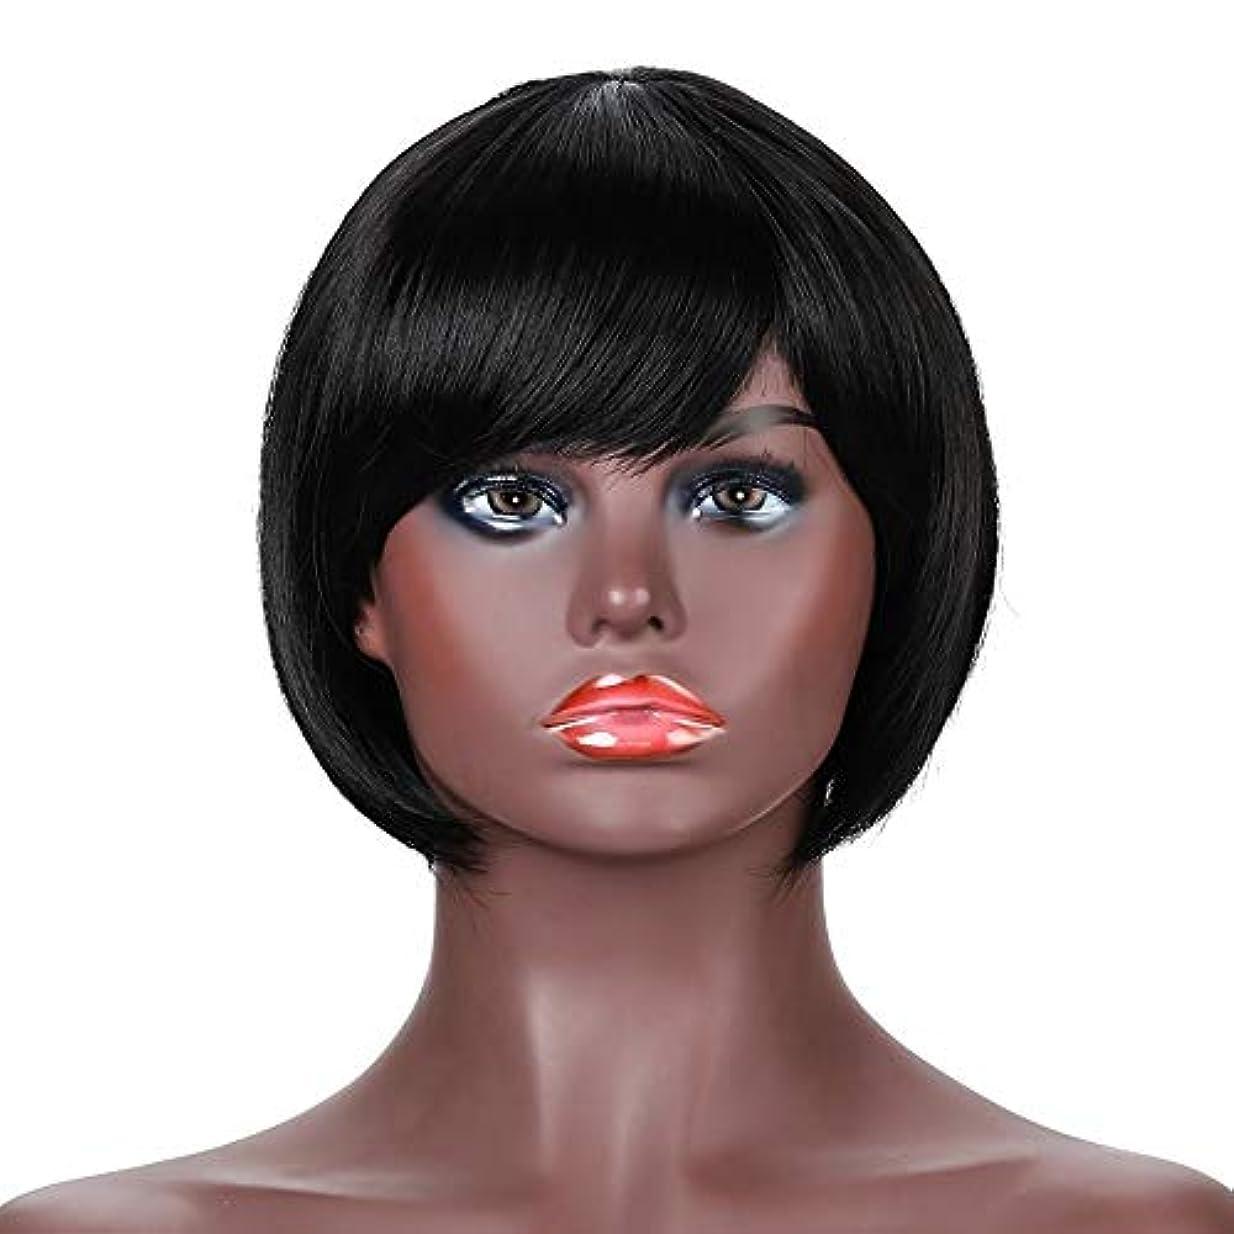 スペイン矛盾征服女性用ナチュラルブラックショートカーリーヘアウィッグ前髪リアル人毛ウィッグ合成フルヘアウィッグ女性用ハロウィンコスプレパーティーウィッグ